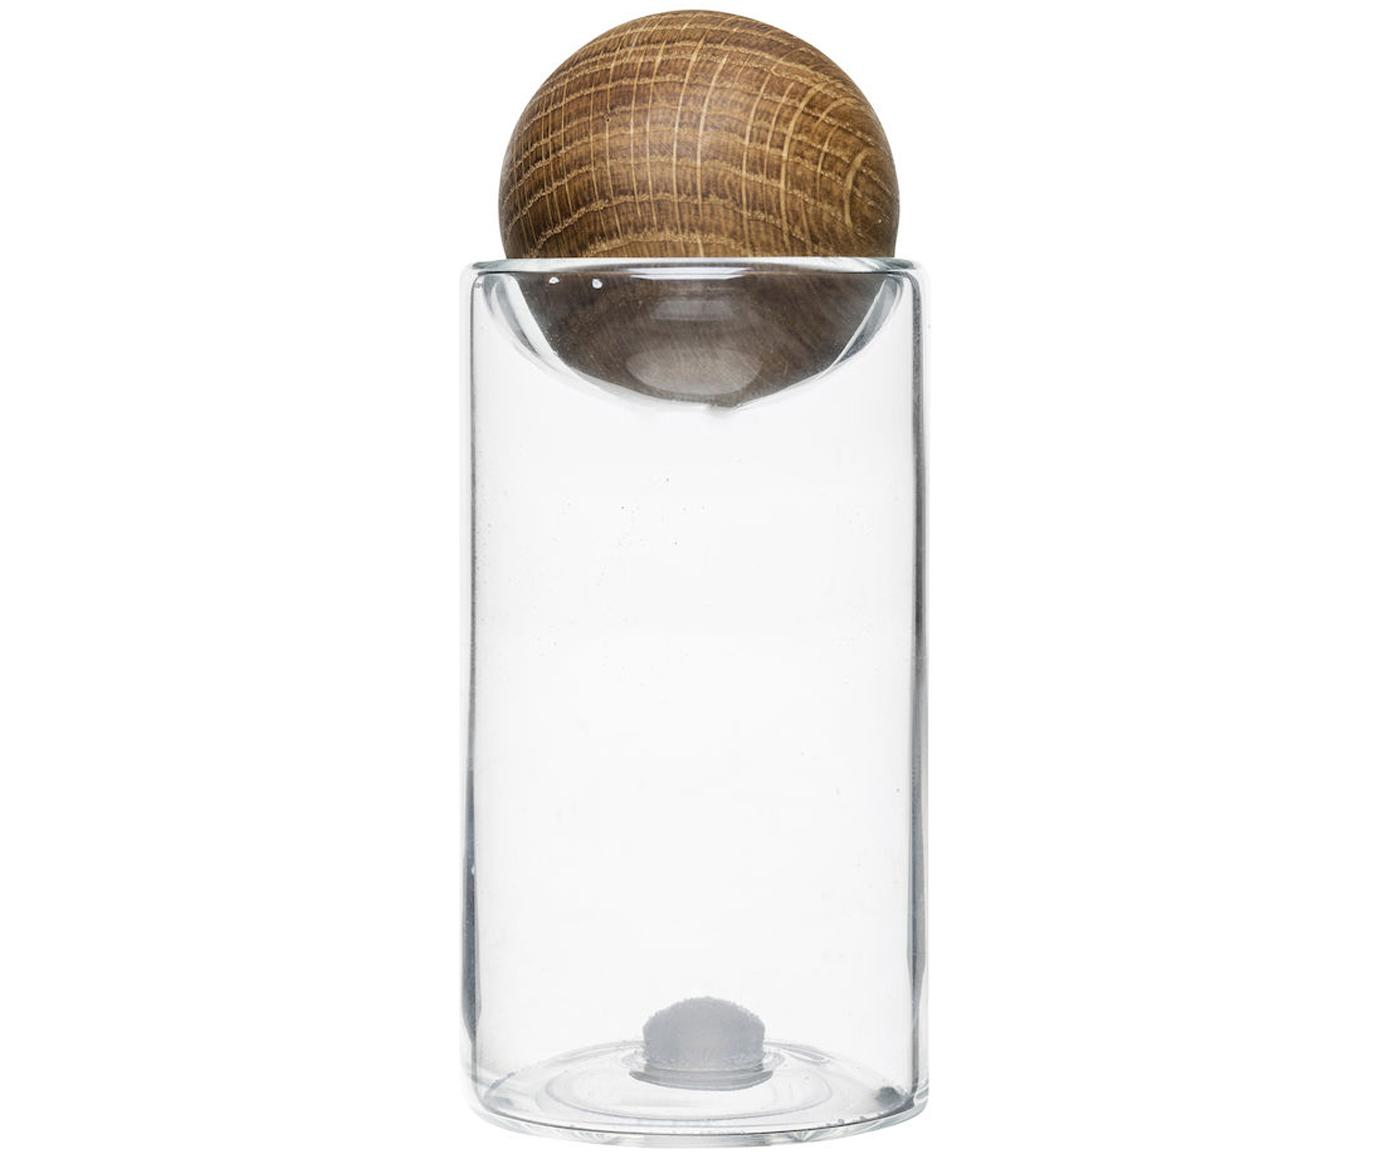 Solniczka i pieprzniczka z pokrywką z drewna dębowego Eden, Drewno dębowe, szkło, Transparentny, drewno dębowe, Ø 5 x W 12 cm